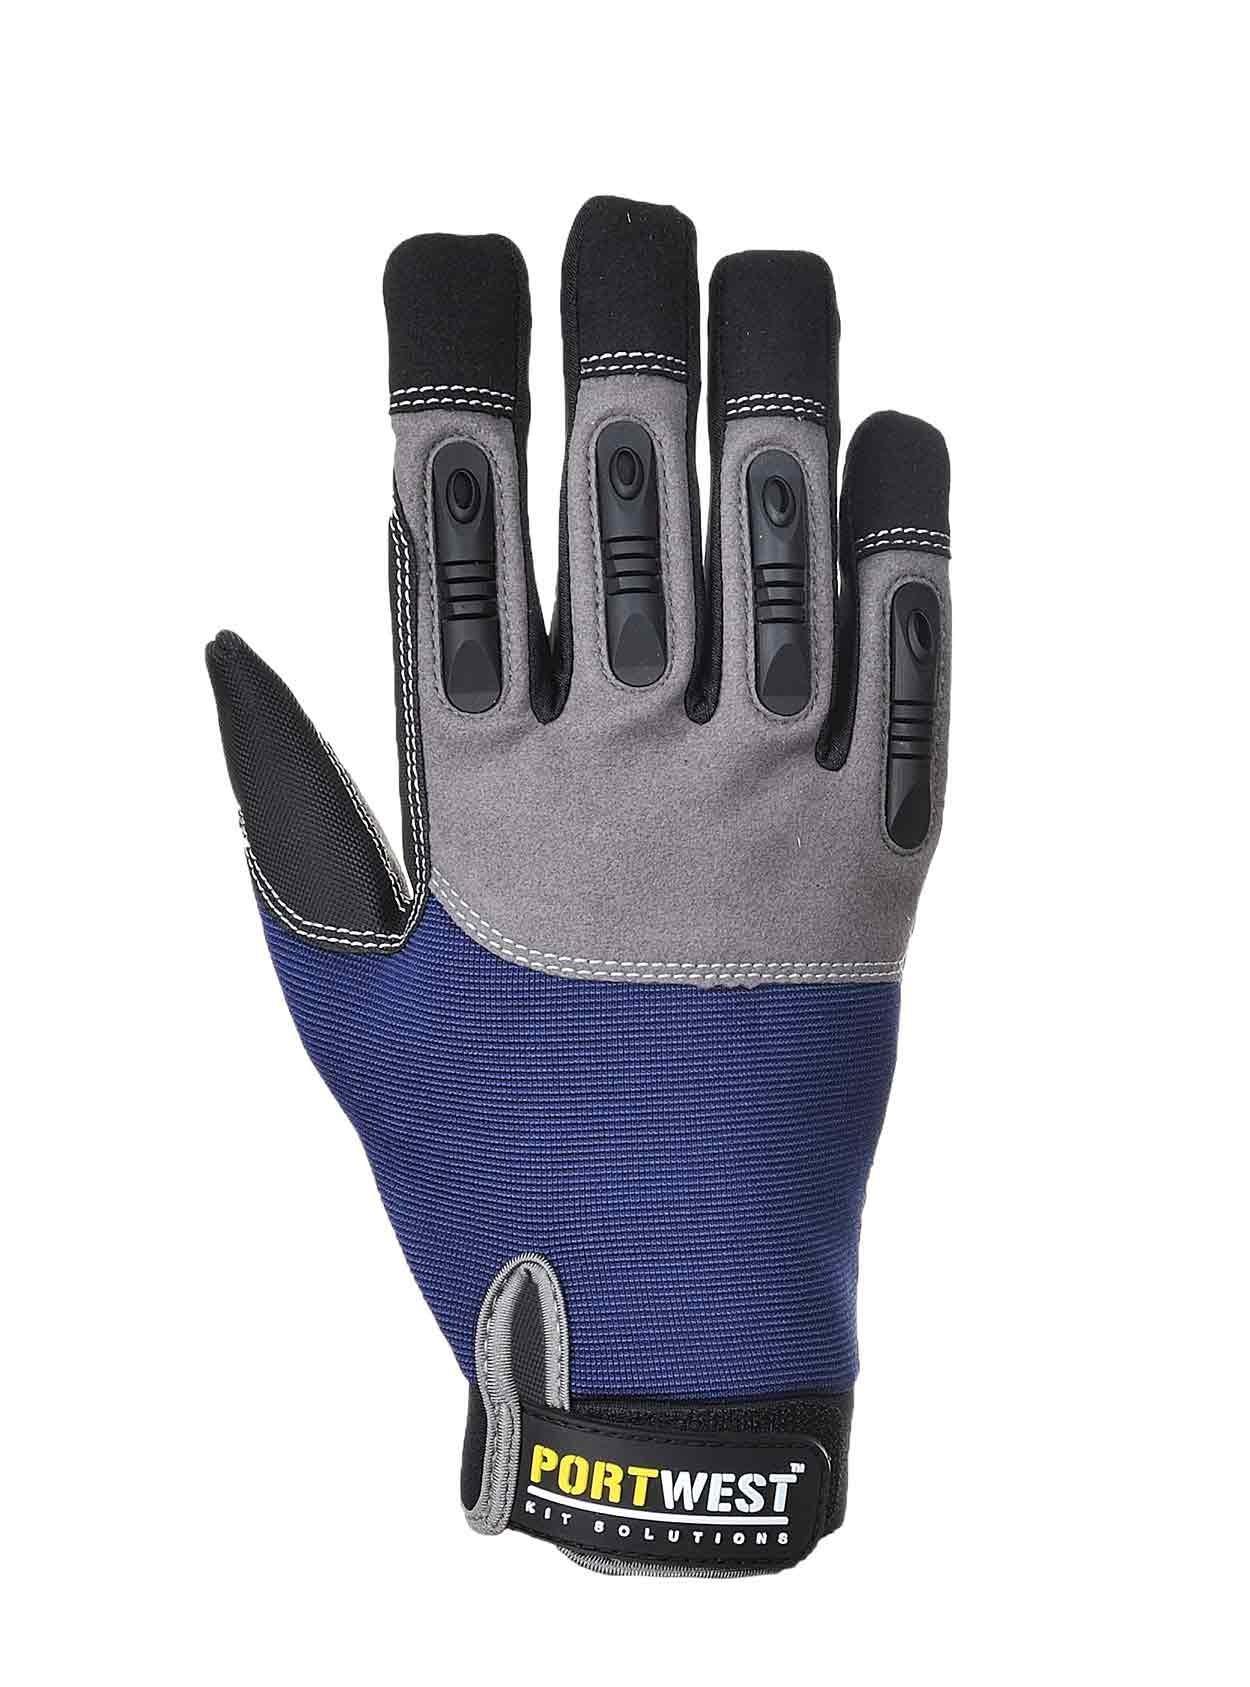 Glove sizes in cm